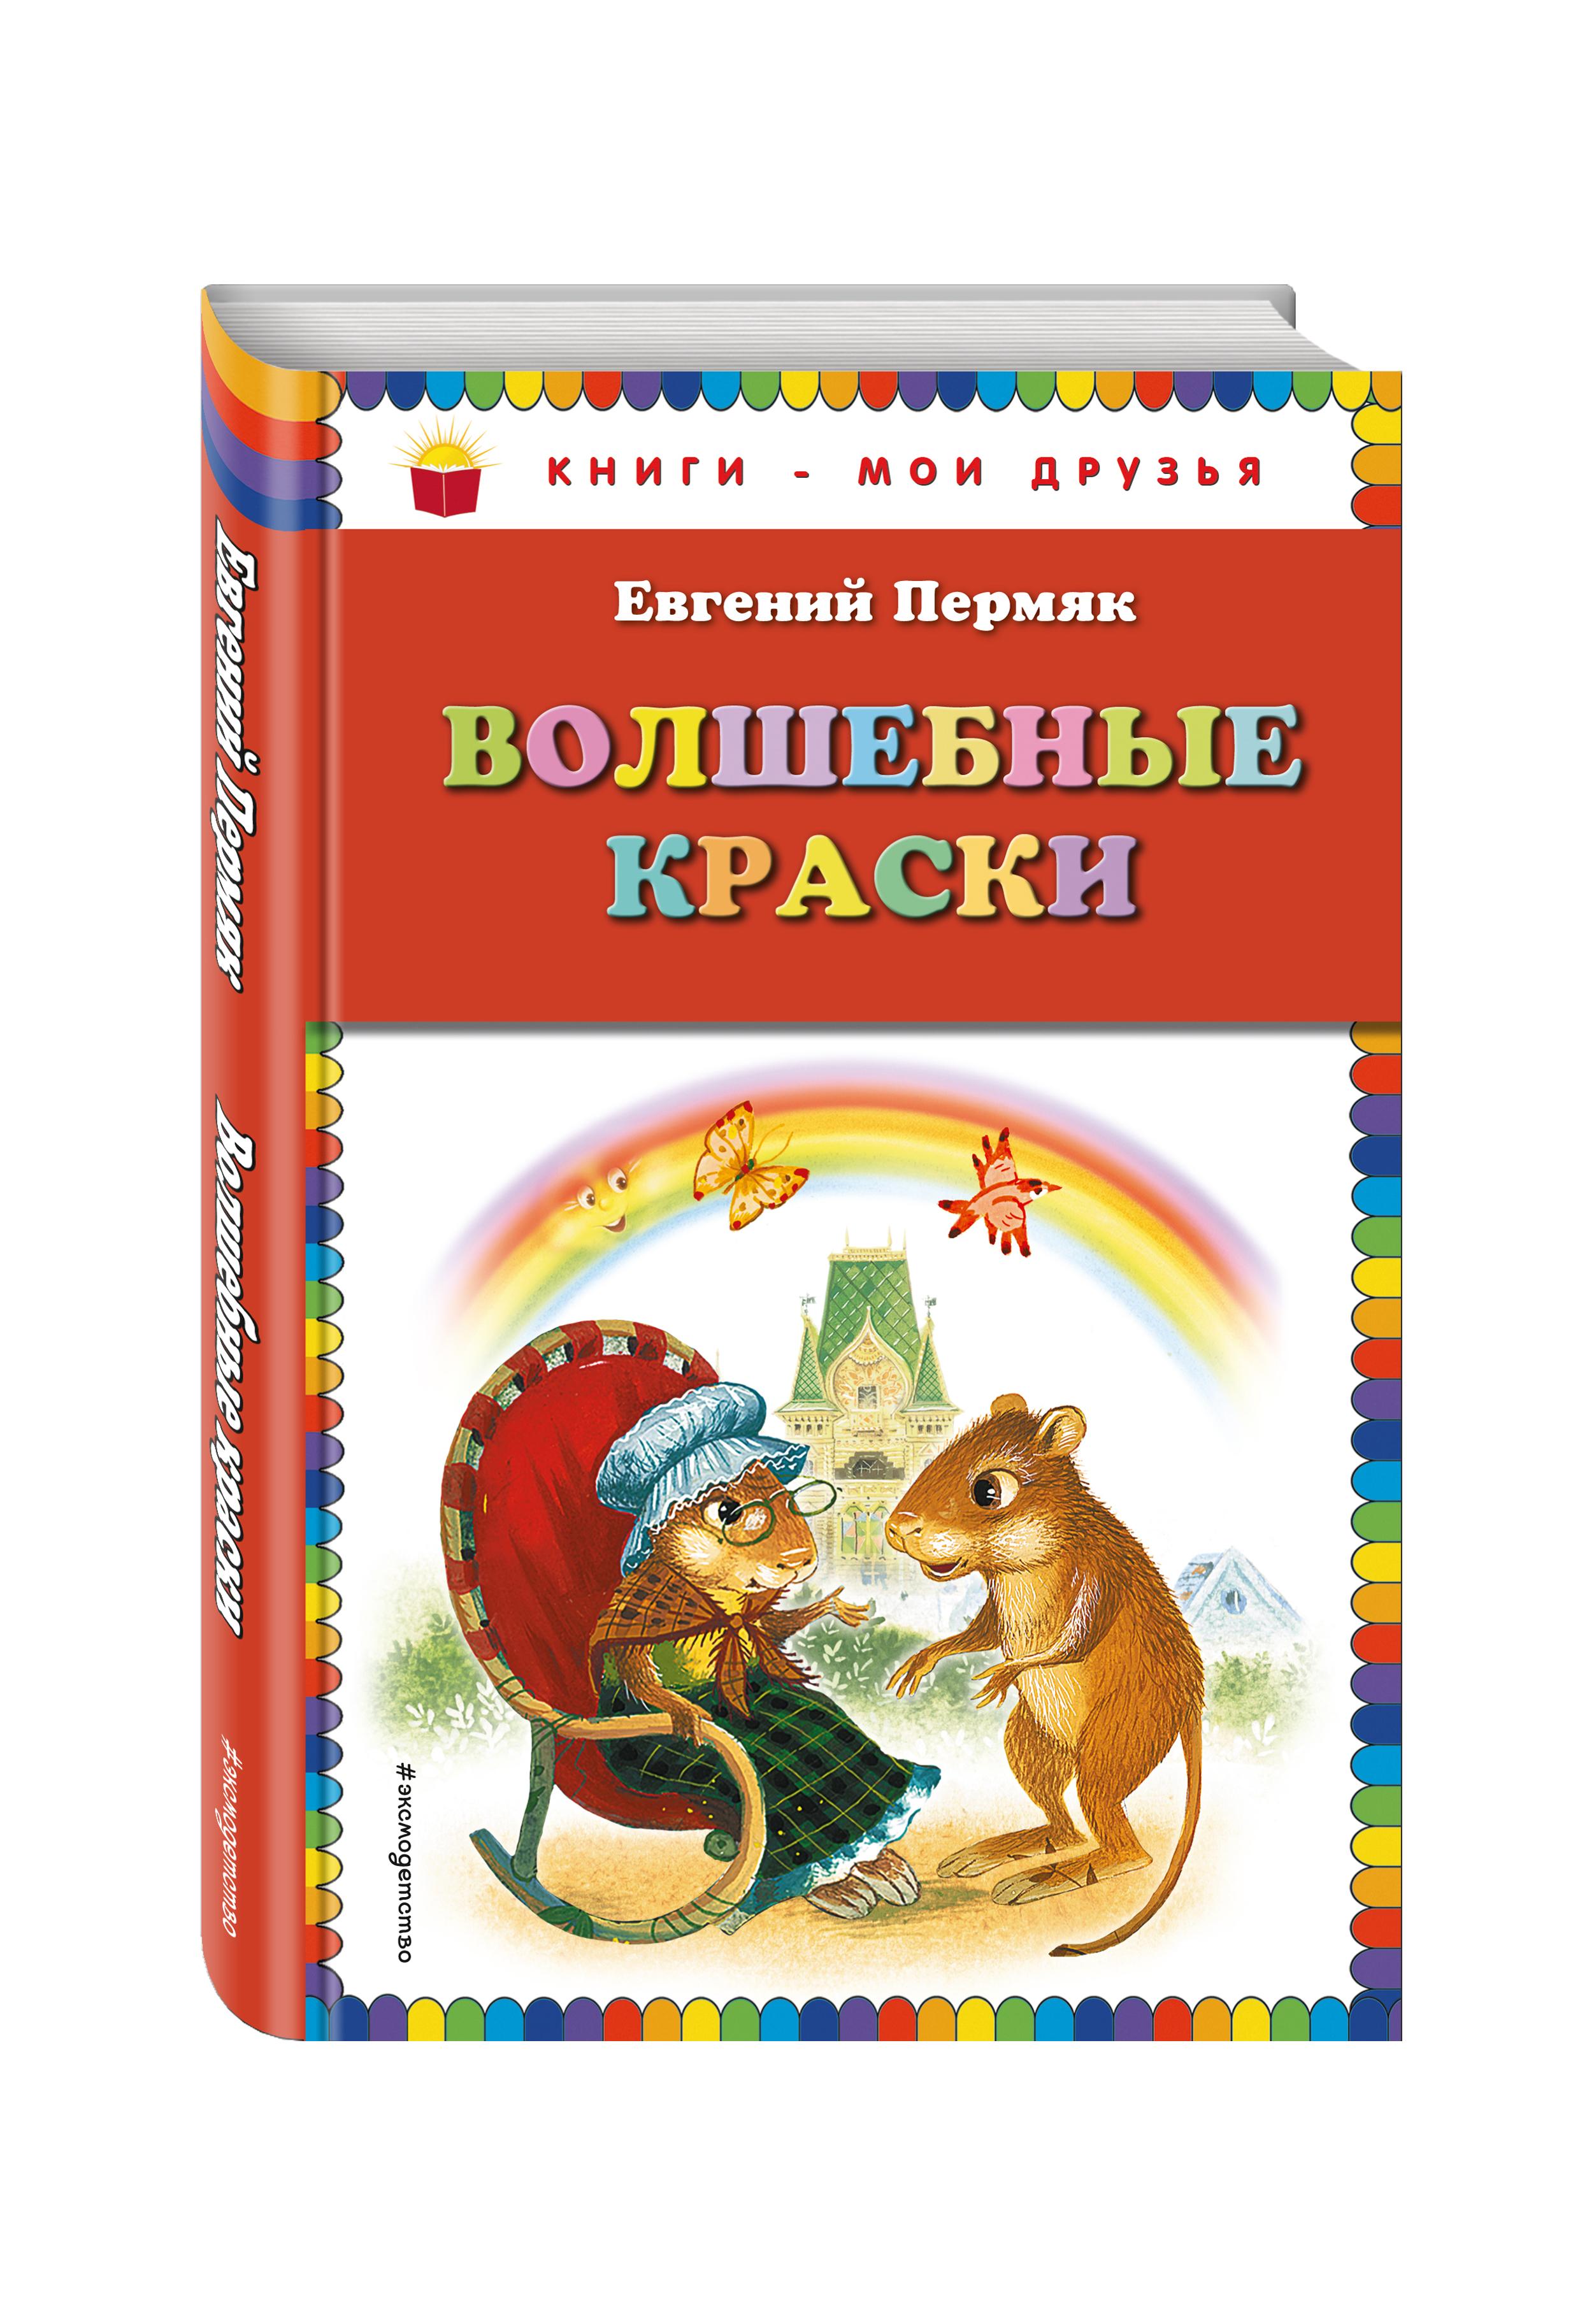 Евгений Пермяк Волшебные краски (ст. изд.) евгений пермяк волшебные краски